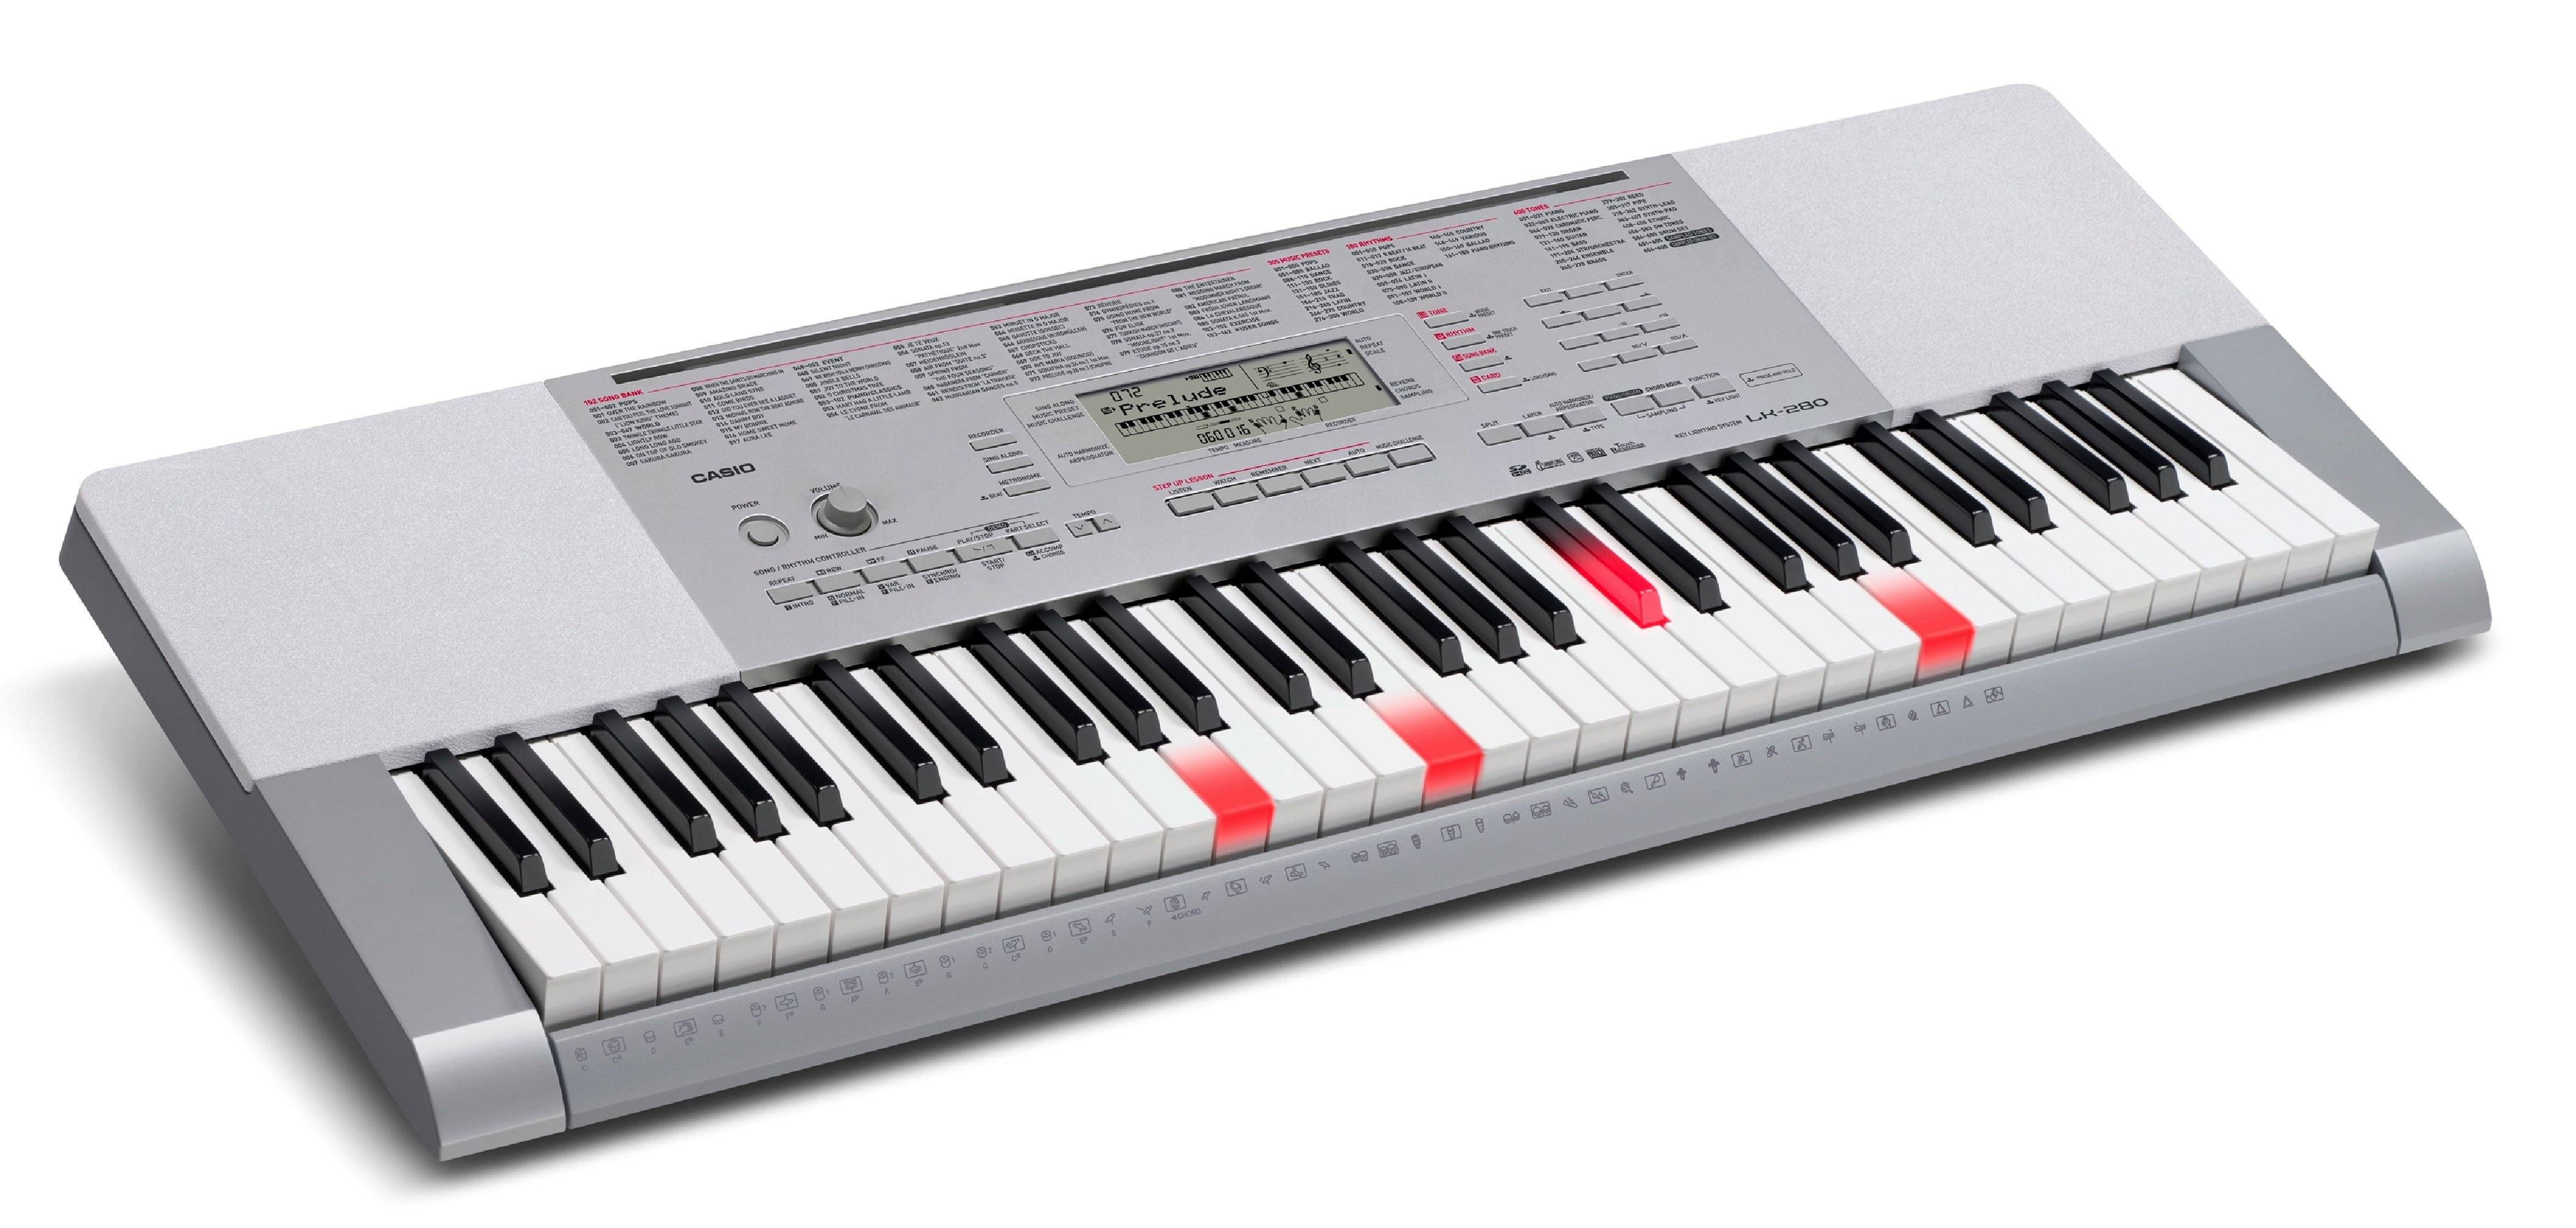 Как выбрать синтезатор + рейтинг лучших производителей